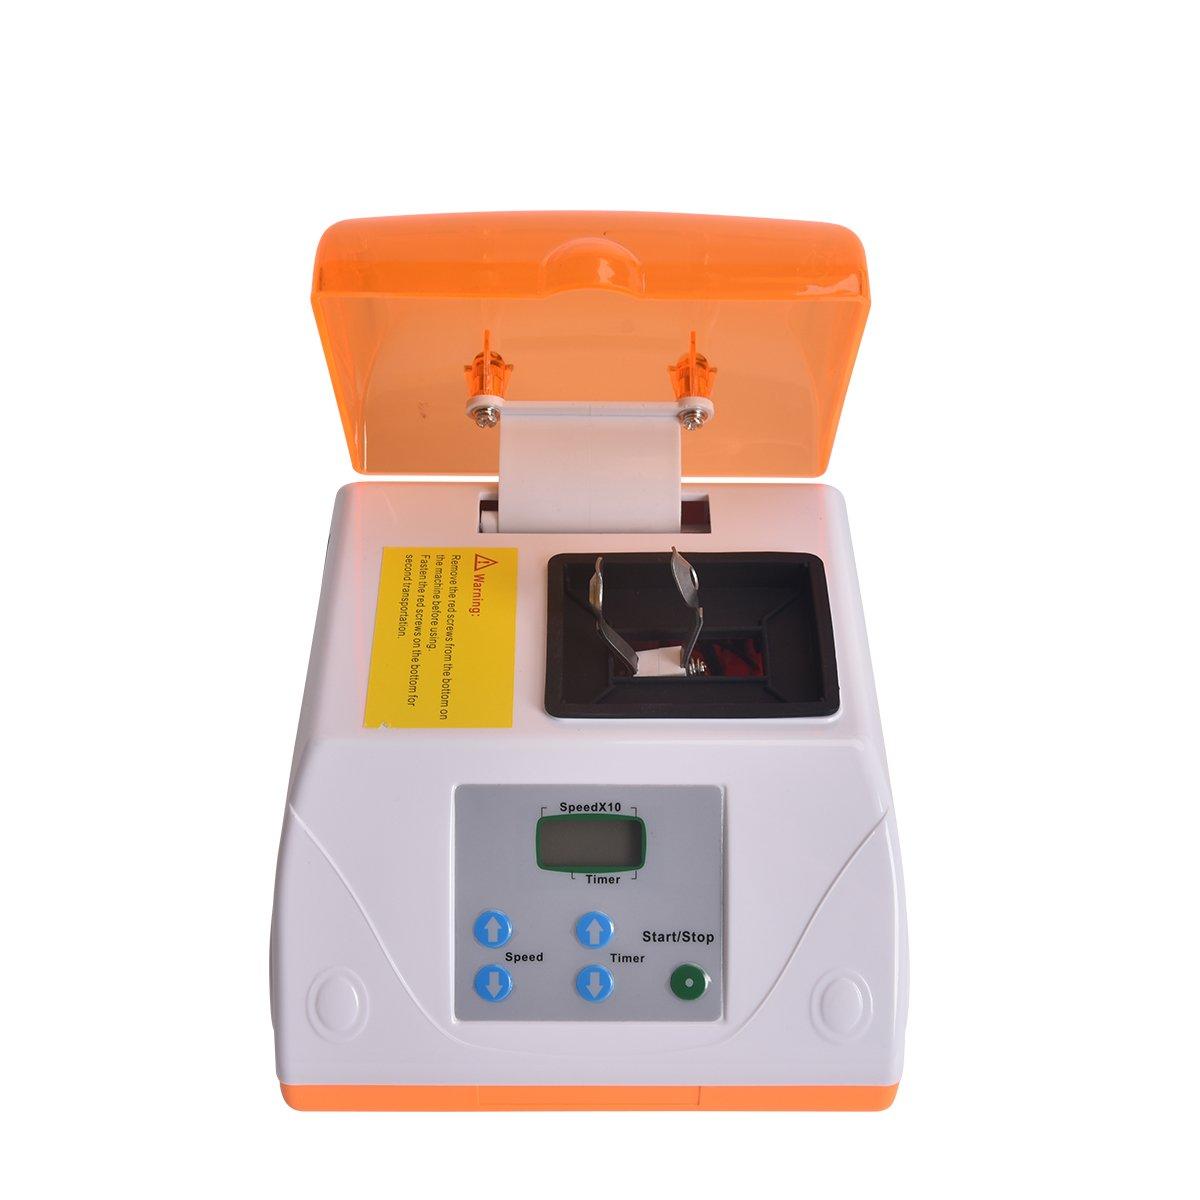 G8 Dental Digital Amalgamator, Amalgam Capsule Blend Mixer with Stepless Speed Regulation